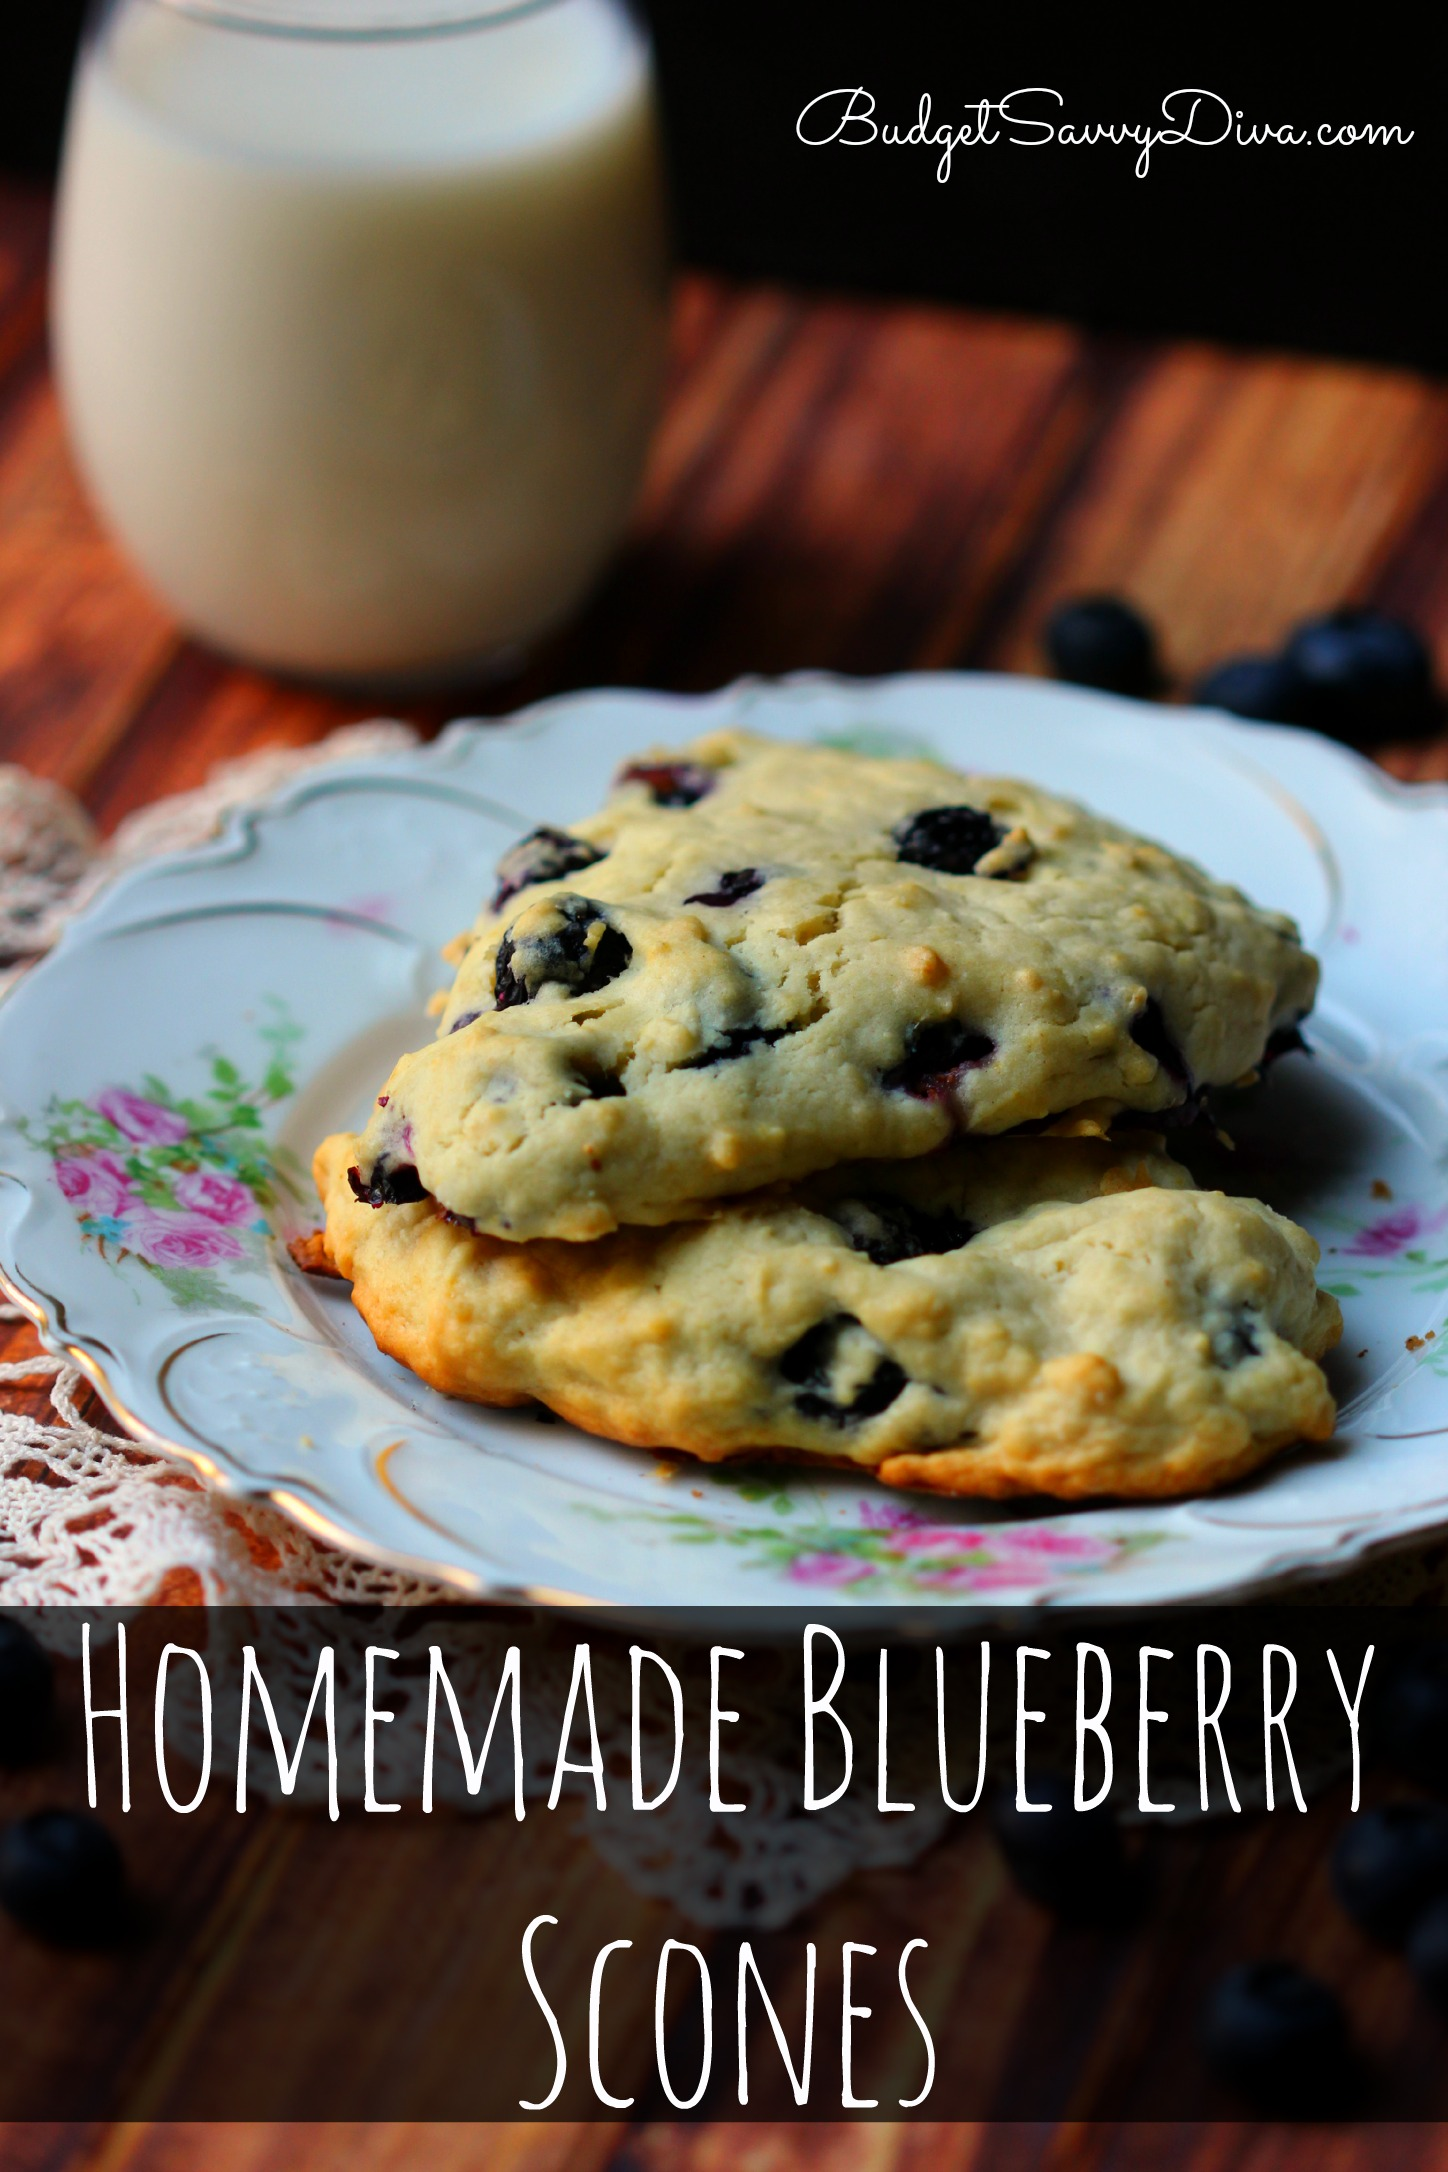 Homemade Blueberry Scones Recipe